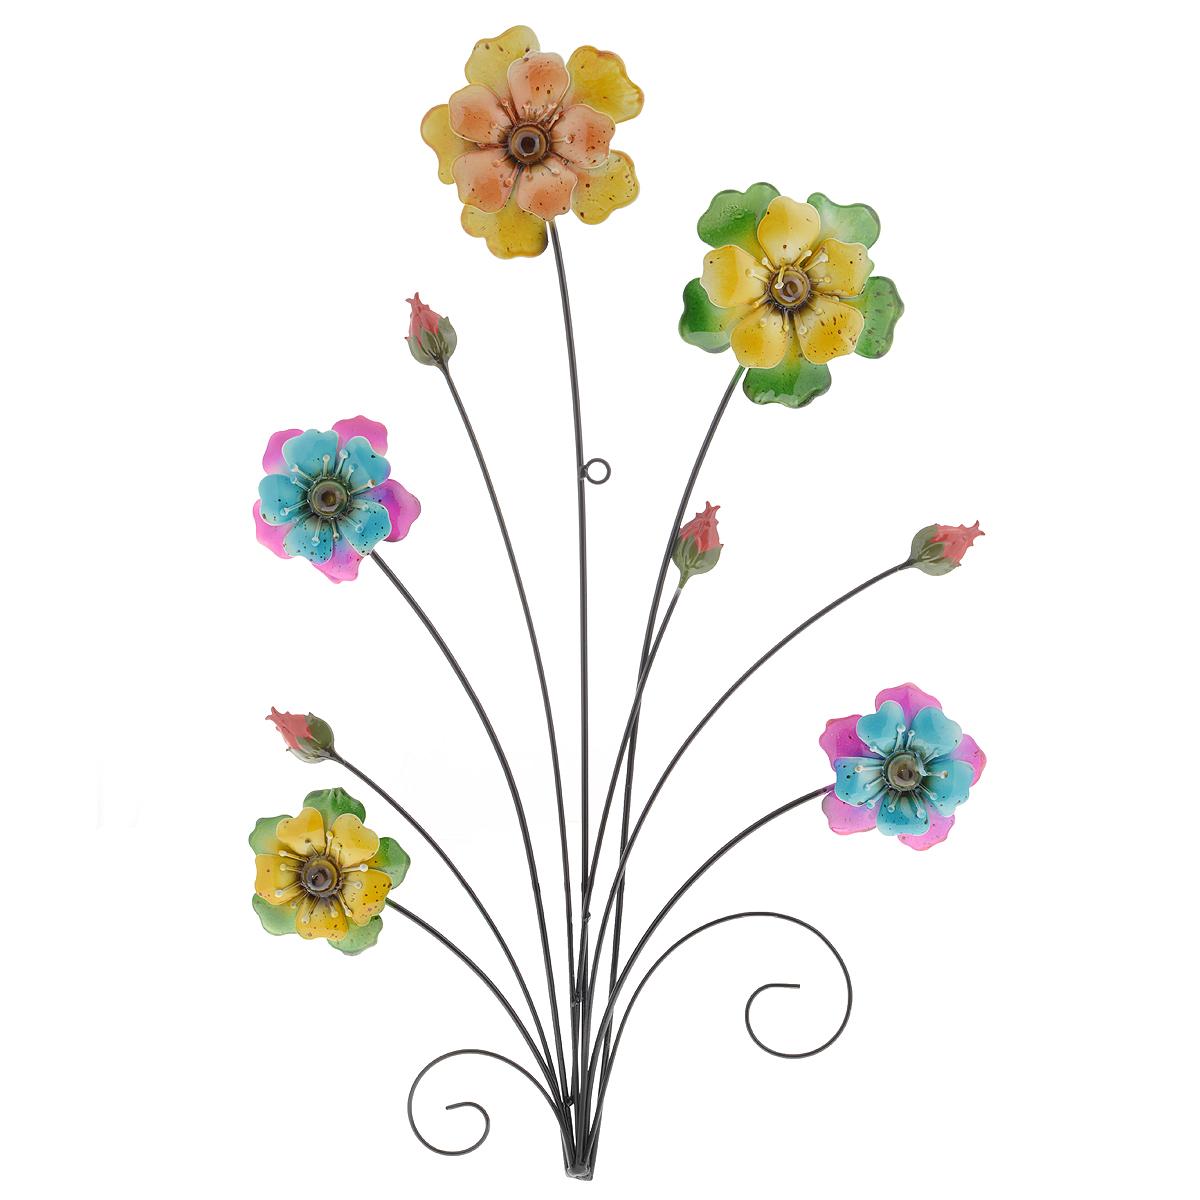 Панно декоративное настенное Molento Цветы. 576-063576-063Декоративное настенное панно Molento Цветы, изготовленное из металла, позволит вам украсить интерьер дома, рабочего кабинета или любого другого помещения оригинальным образом. Изделие выполнено в виде букета из ярких цветов разных размеров. Панно имеет рельефную поверхность и оснащено специальным отверстием для подвешивания. С таким панно вы сможете не просто внести в интерьер элемент оригинальности, но и создать атмосферу загадочности и изысканности.